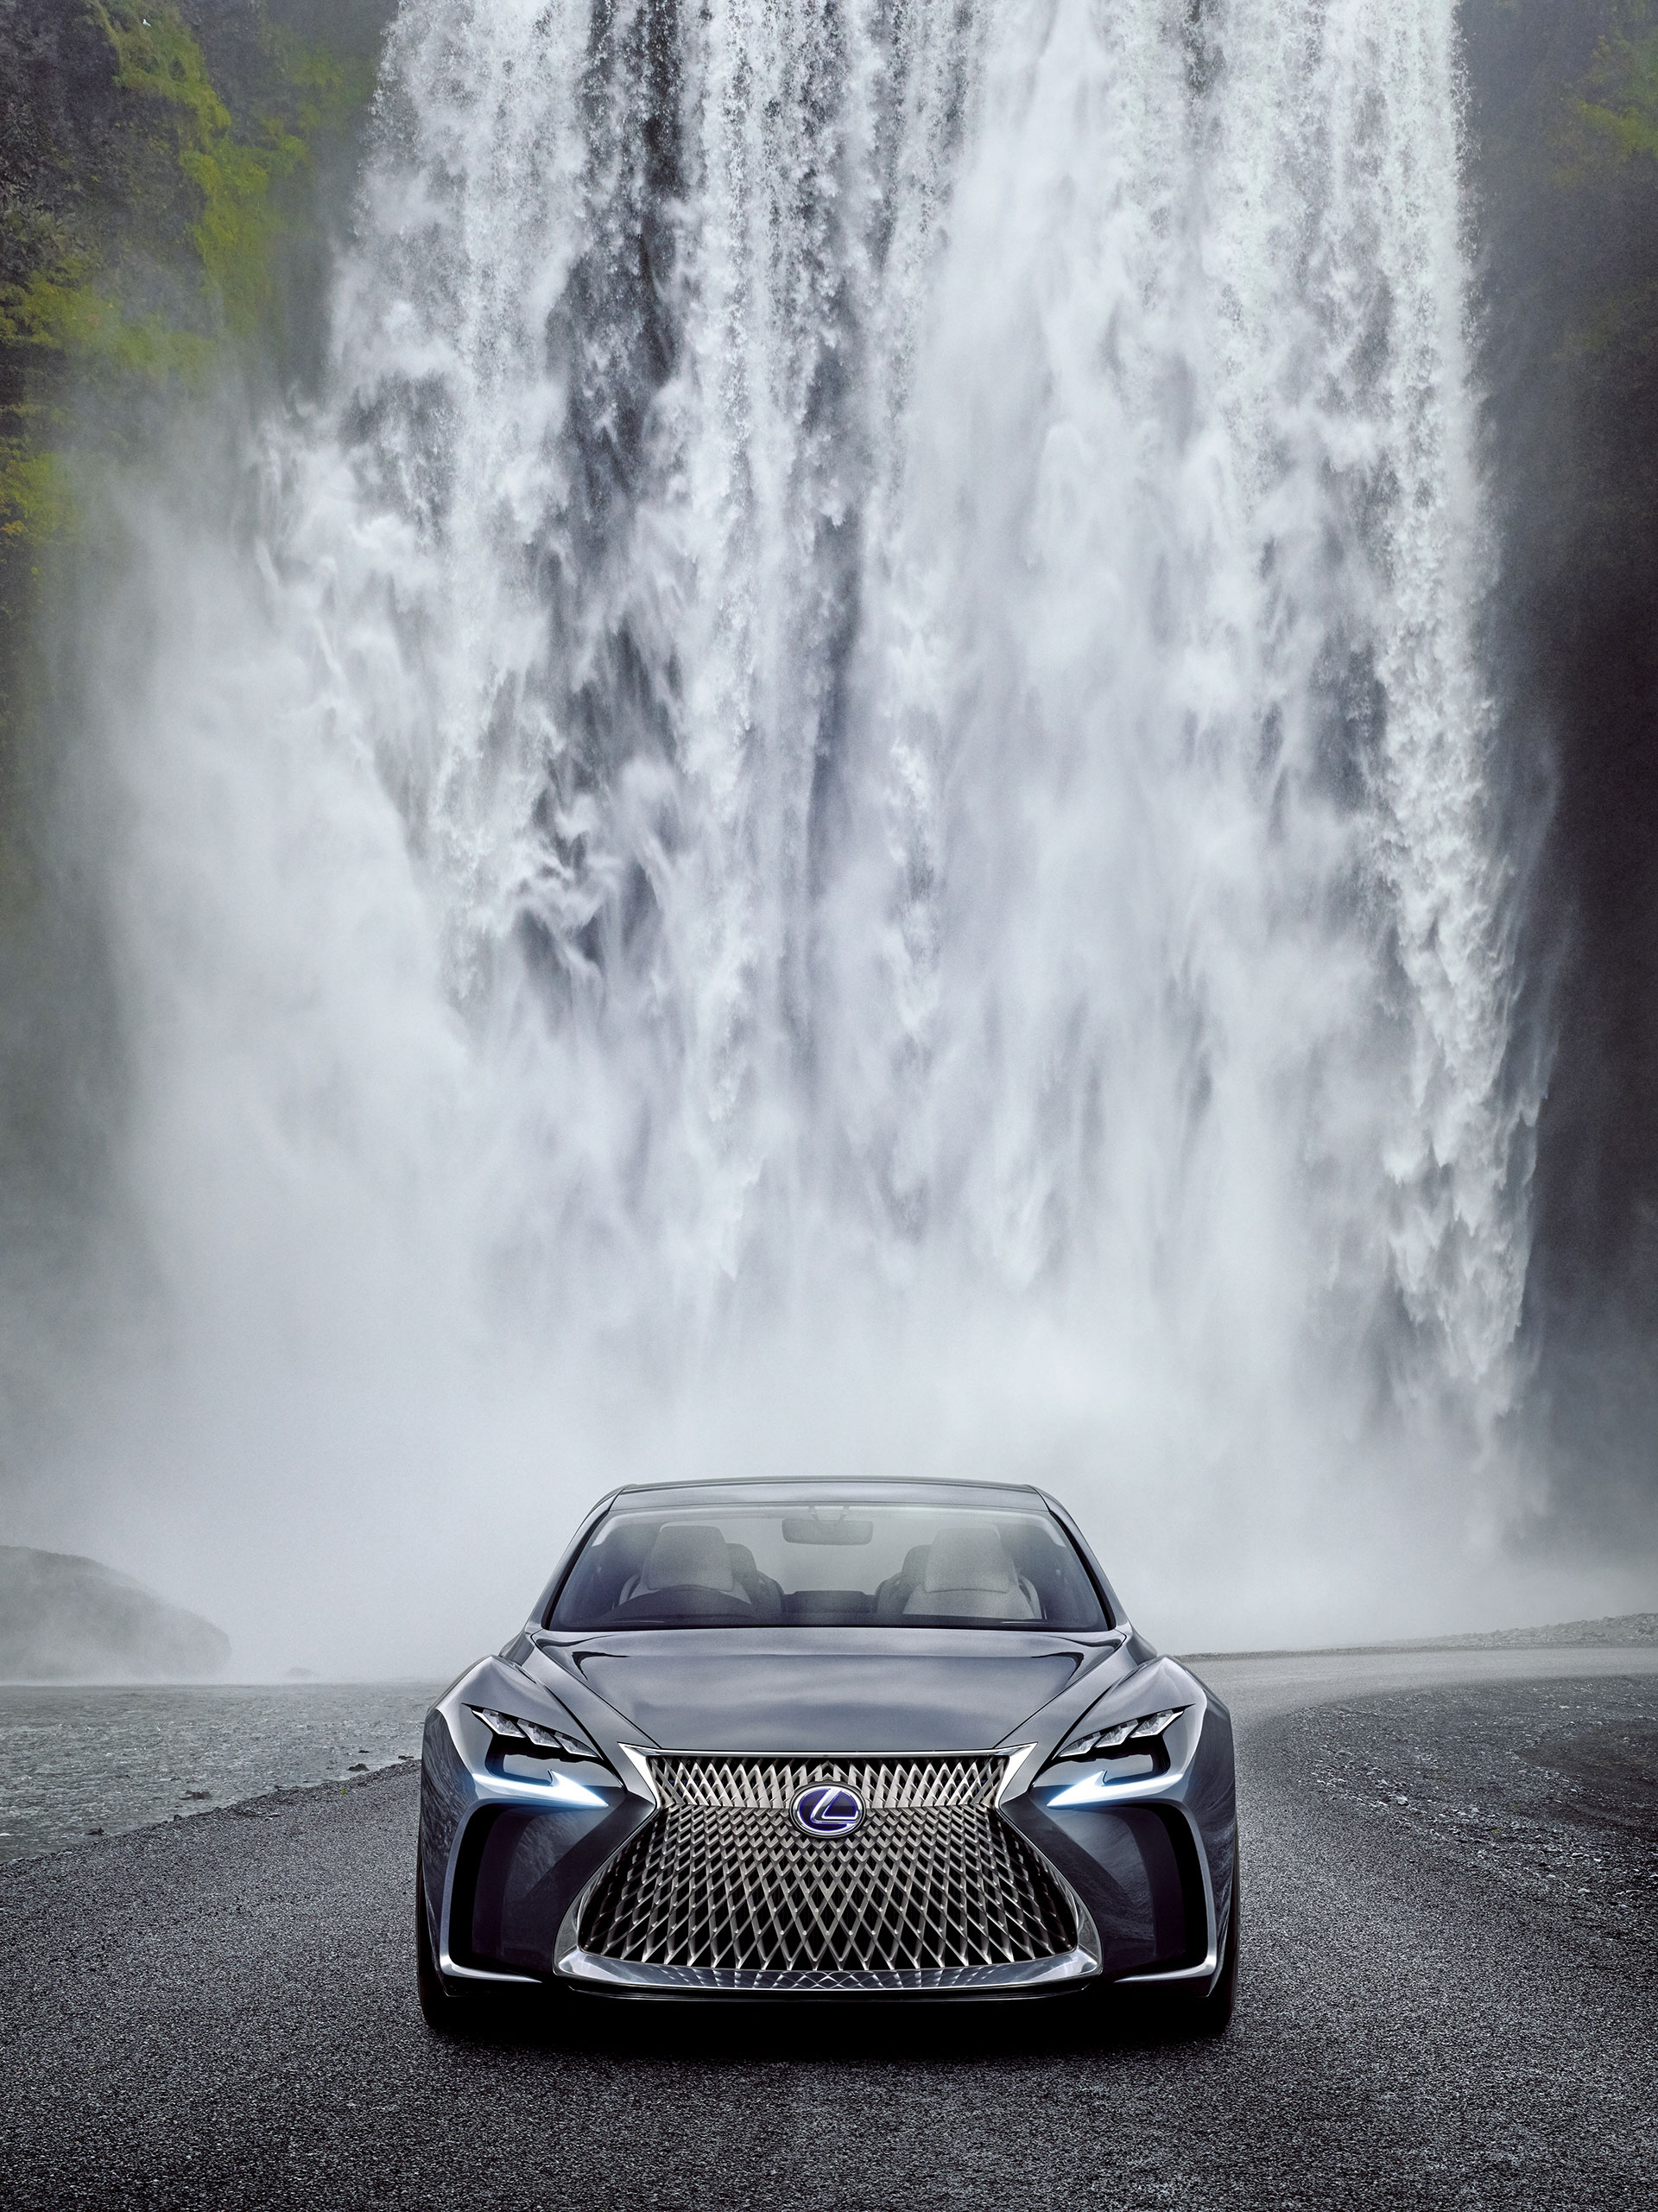 New Lexus Lx 570